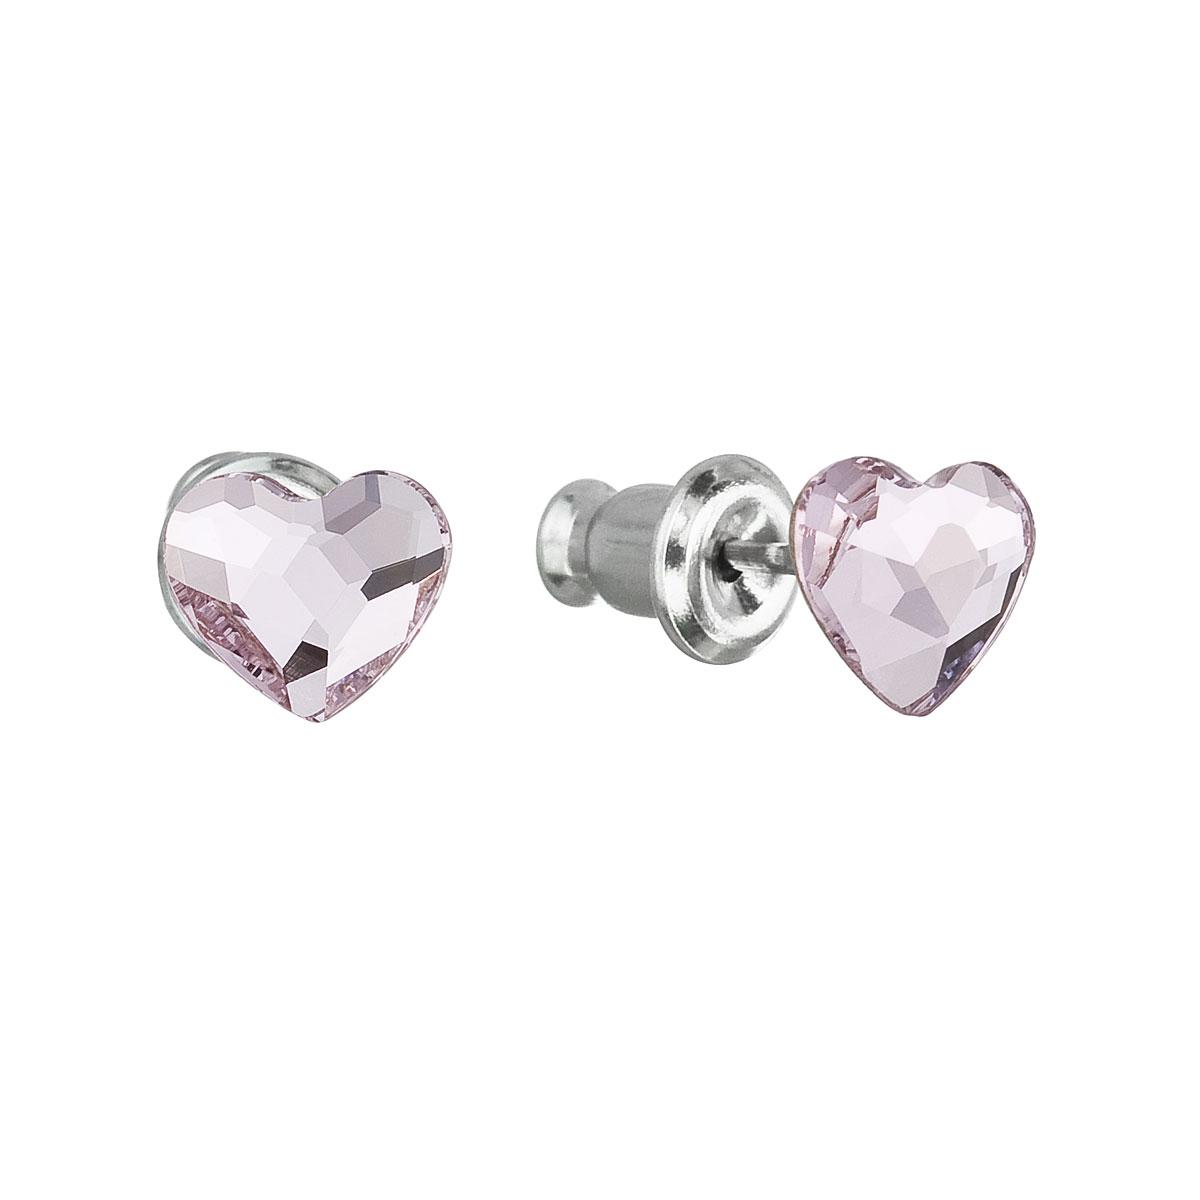 Náušnice bižutéria so Swarovski krištáľmi ružové srdce 51050.3 rose